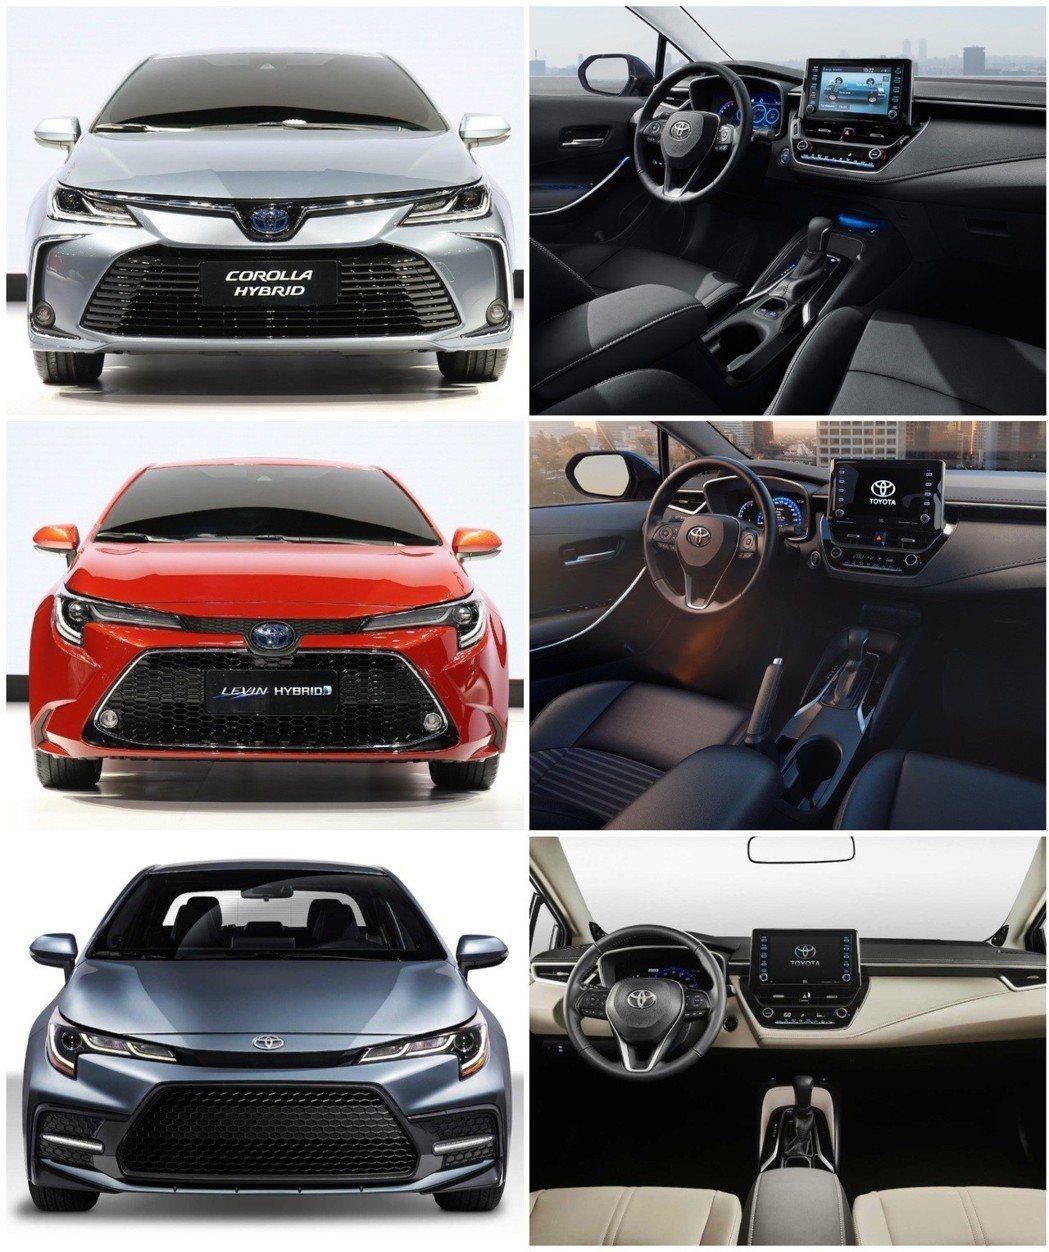 中國與美規版共有三種外觀與內裝設計,由上至下分別為一汽豐田卡羅拉雙擎(Prestige)、廣汽豐田雷凌Levin雙擎(Sporty)、美規Corolla Sedan。 摘自Toyota